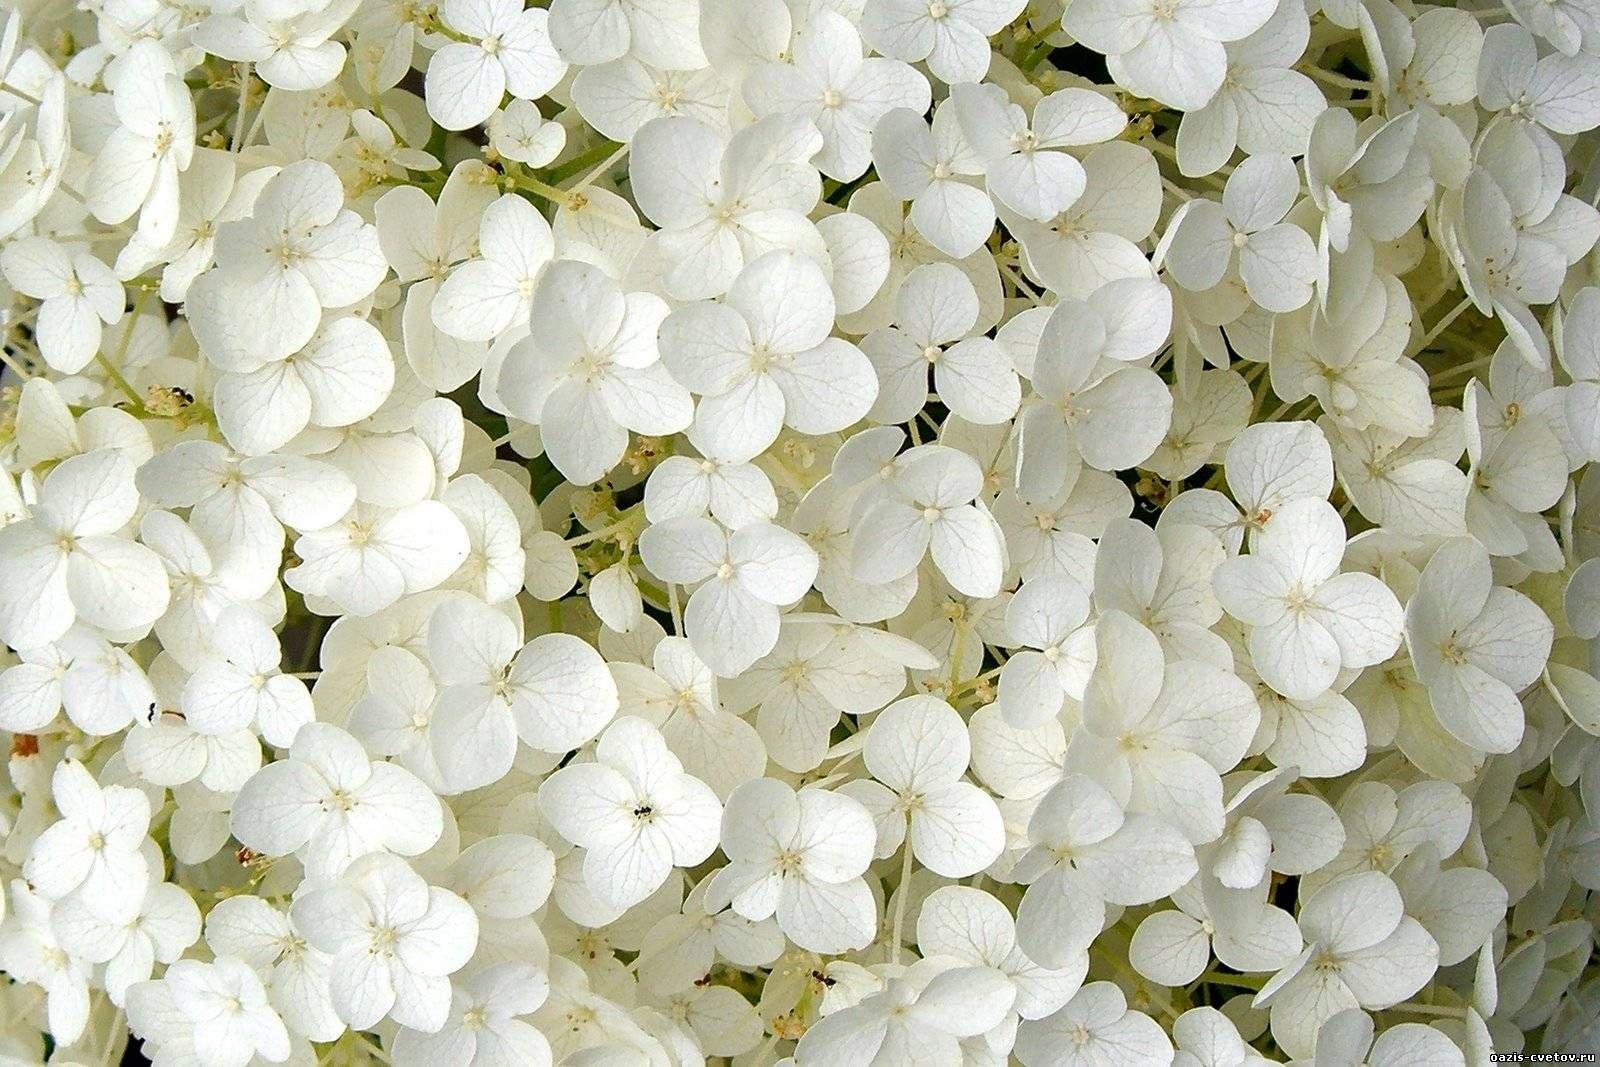 صور ورد ابيض صور زهور بيضاء بوكيه ورد ابيض Hydrangea Flowers Hydrangea Arborescens